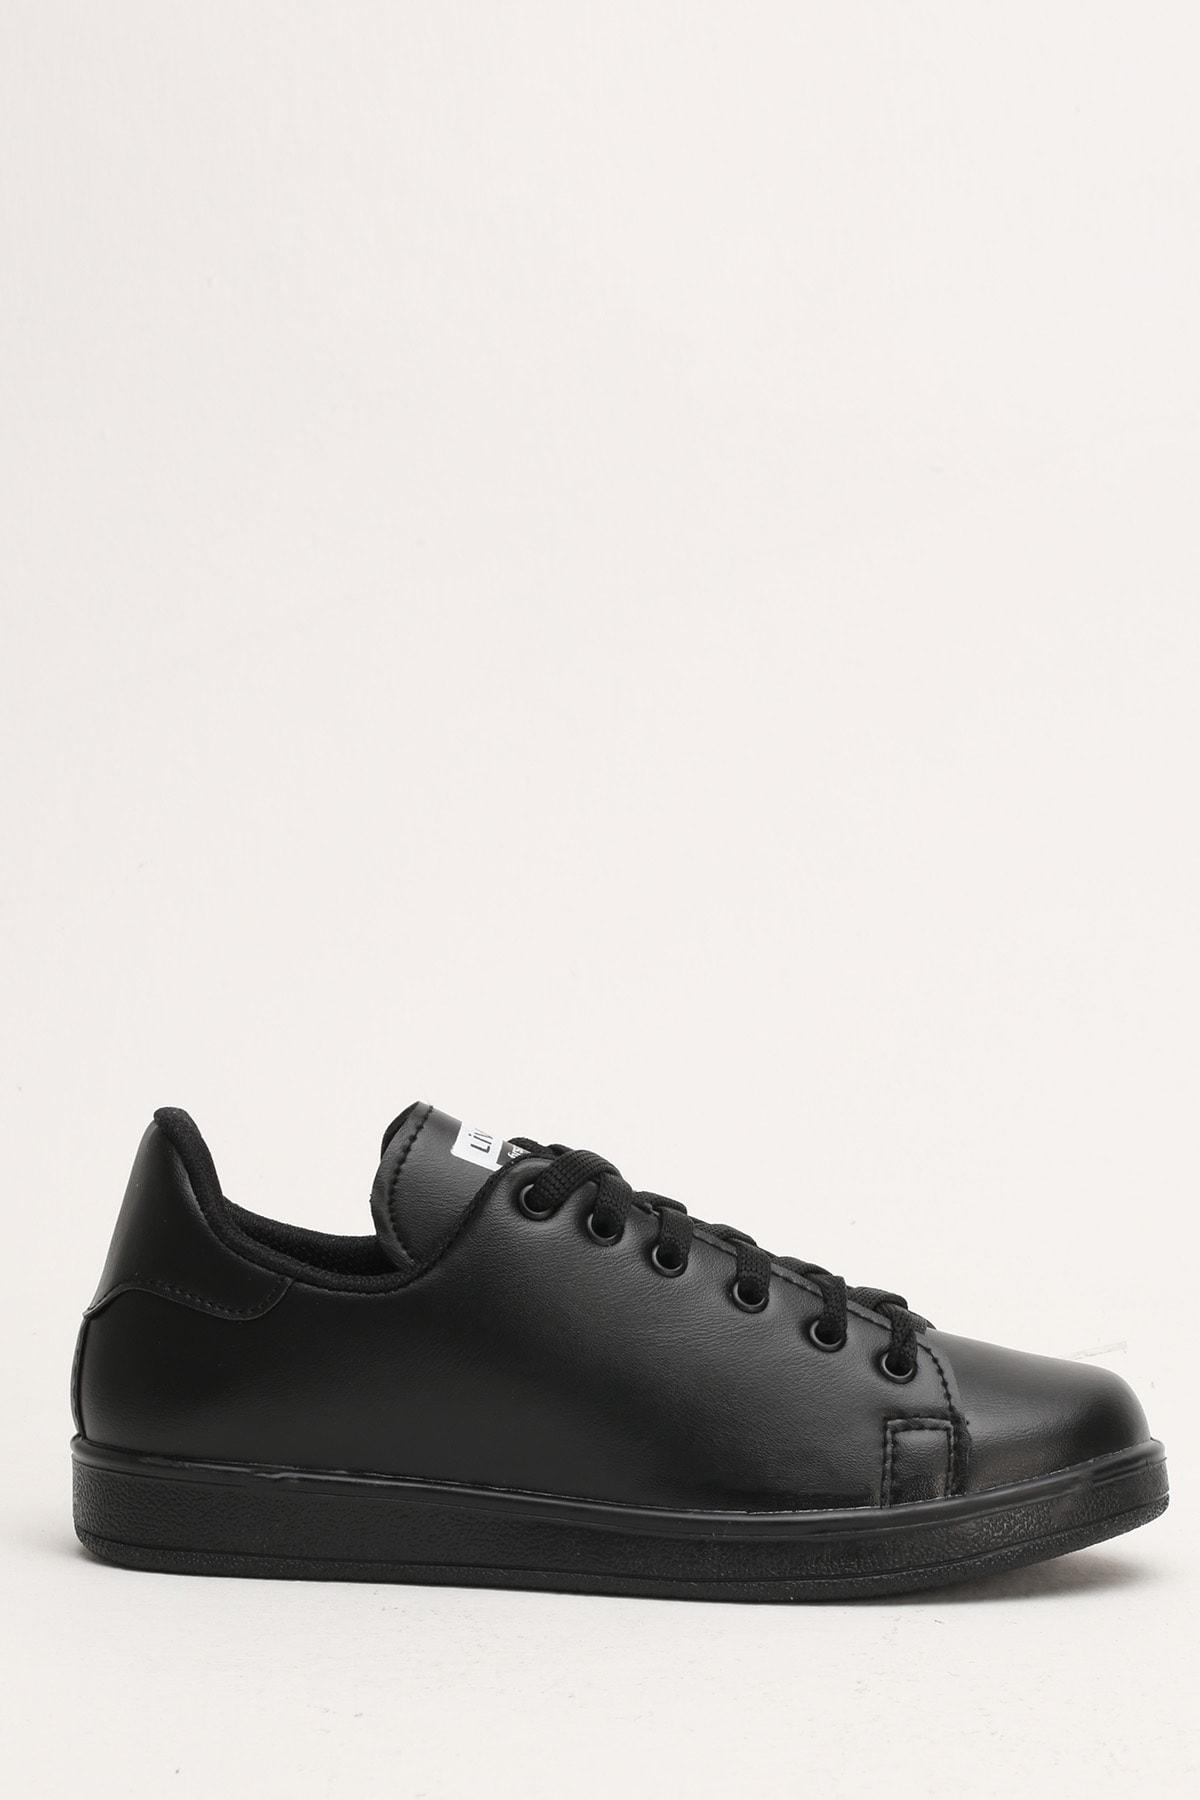 Ayakkabı Modası Siyah-Siyah Kadın Casual Ayakkabı BM-4000-19-110003